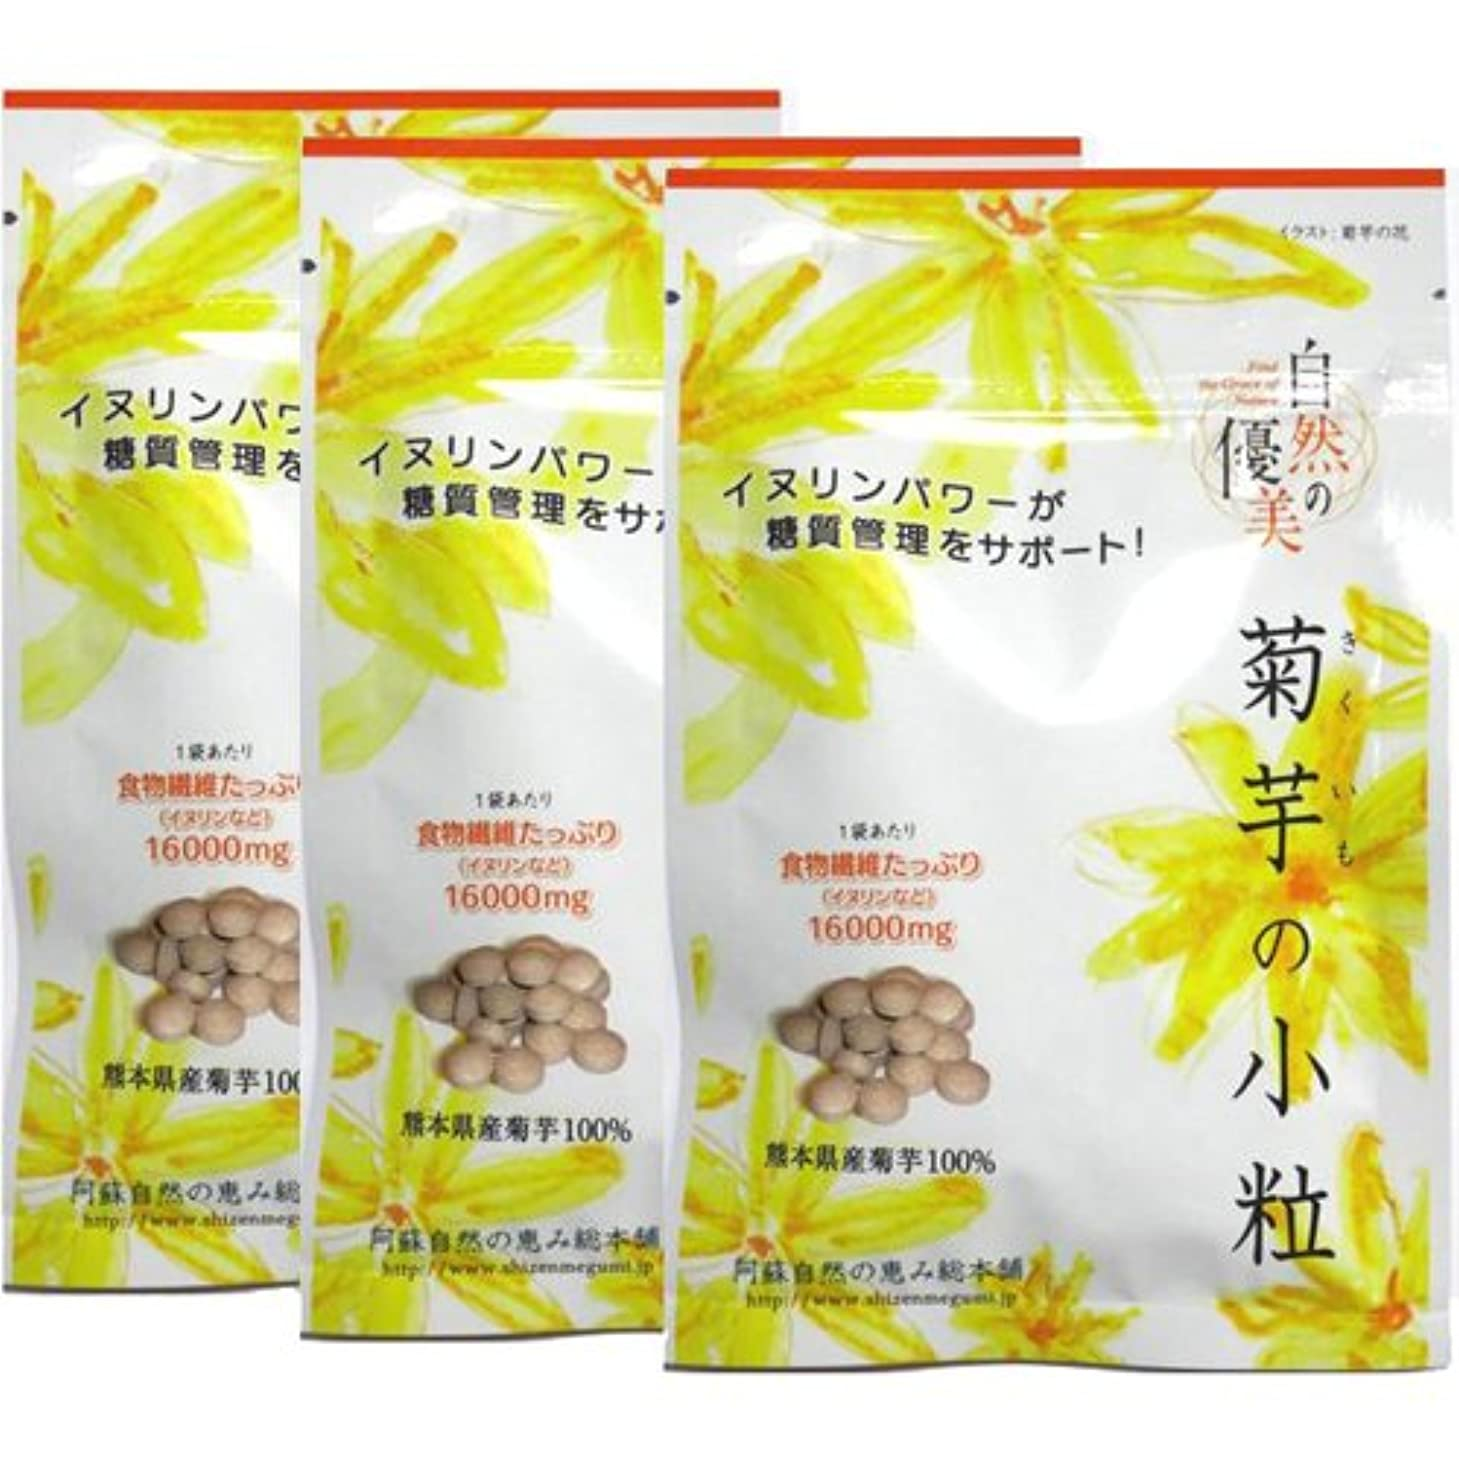 つかいますコースシールド阿蘇自然の恵み総本舗 菊芋の小粒 100錠×3袋